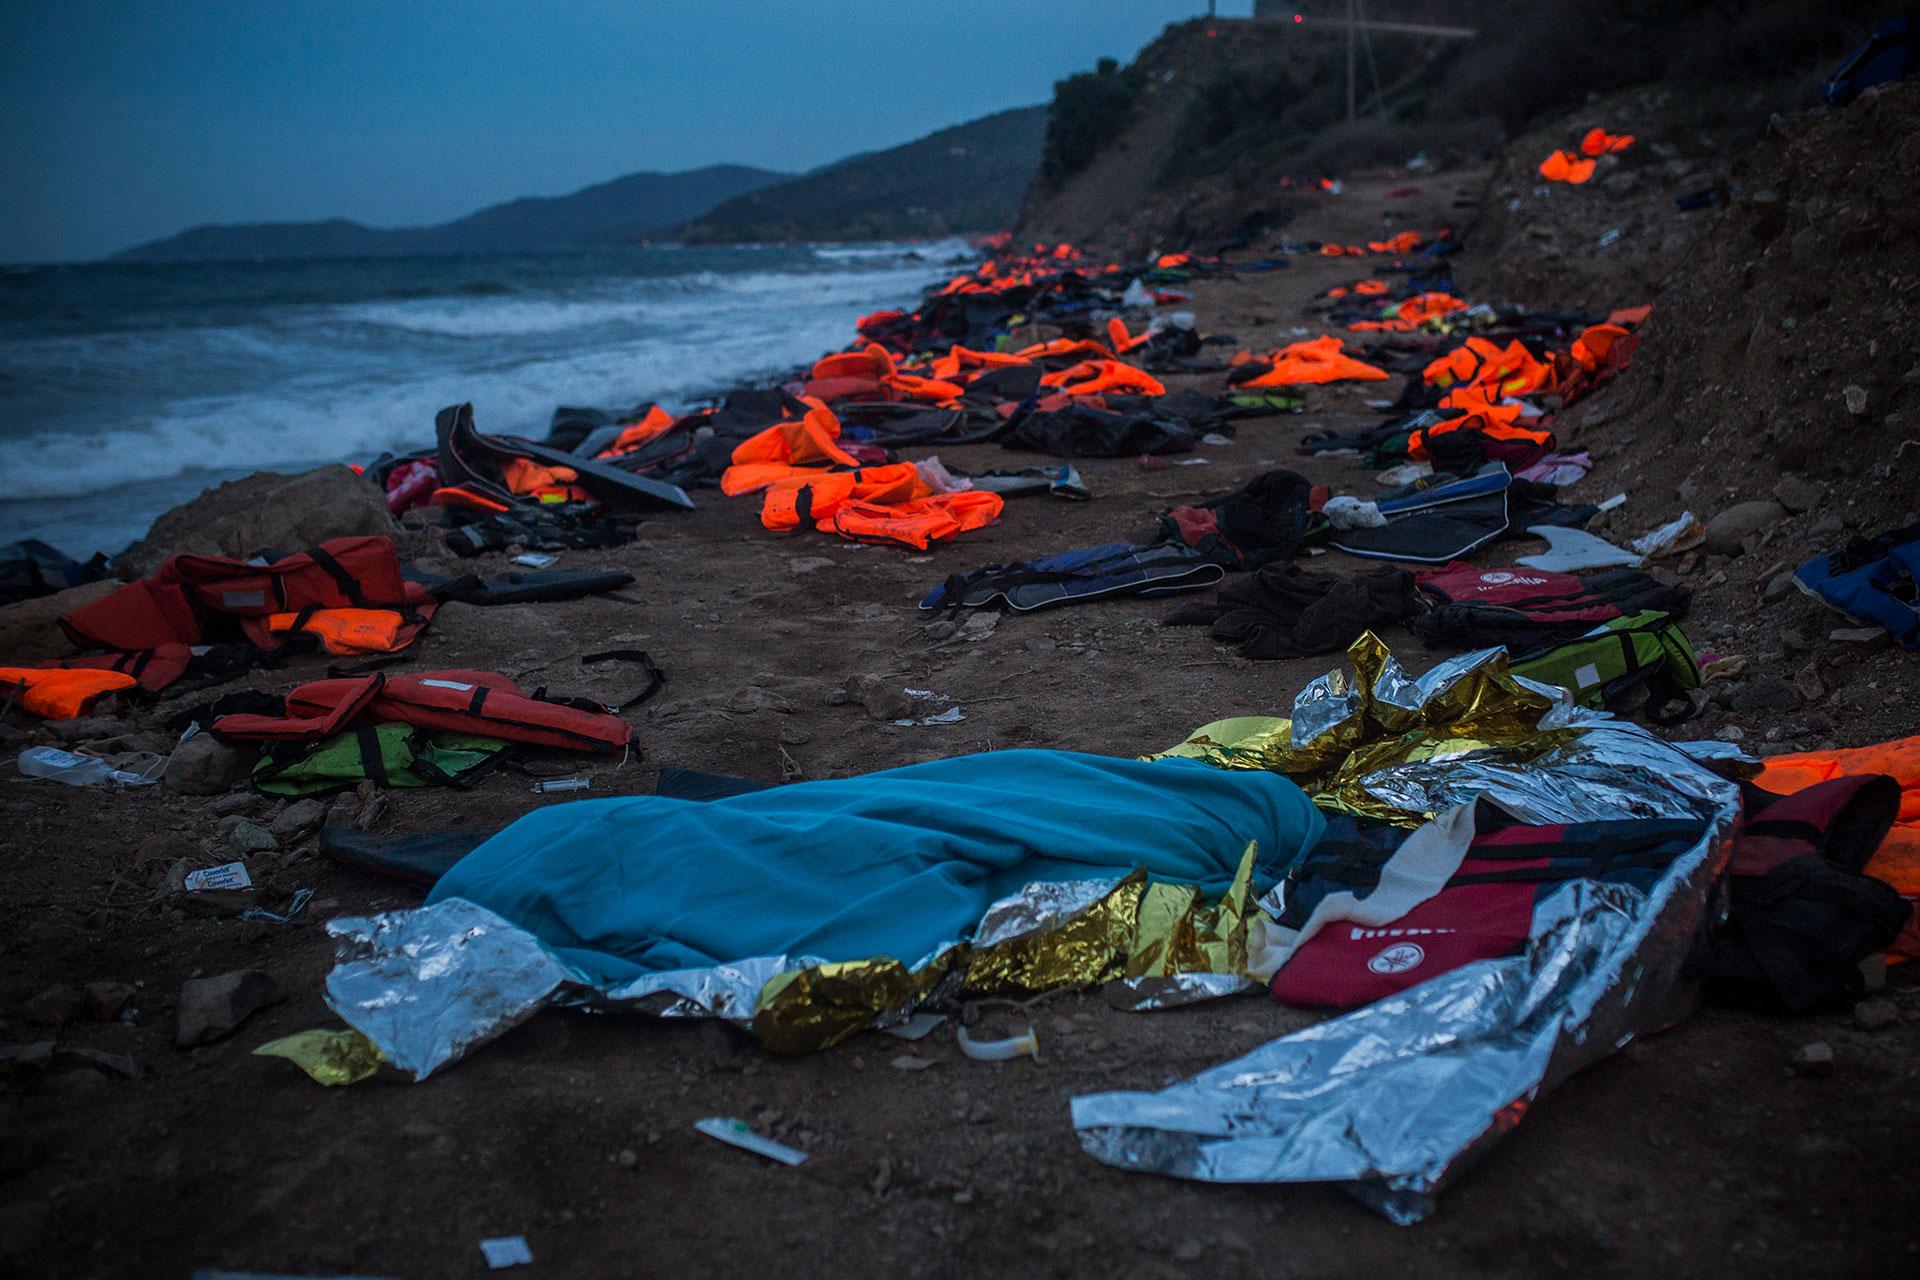 El cadáver de un joven afgano de 20 años permanece envuelto en una manta, en una playa de Lesbos, minutos después de que un grupo de médicos y socorristas voluntarios y voluntarias trataran de salvarle la vida tras rescatarle del agua, sin conseguirlo.